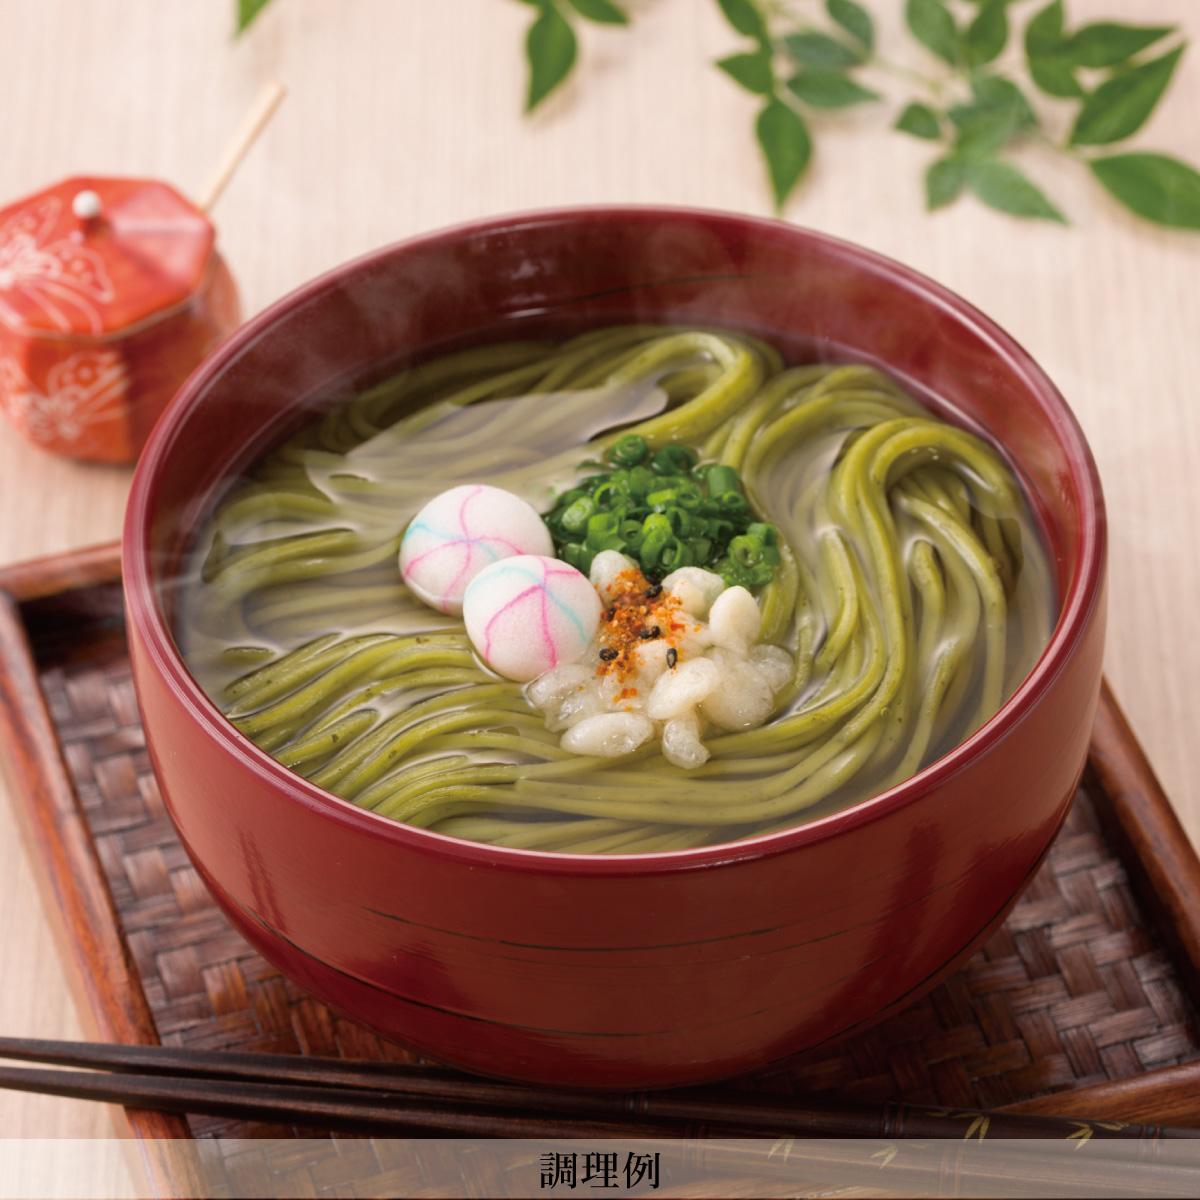 讃岐 茶うどん(6袋)